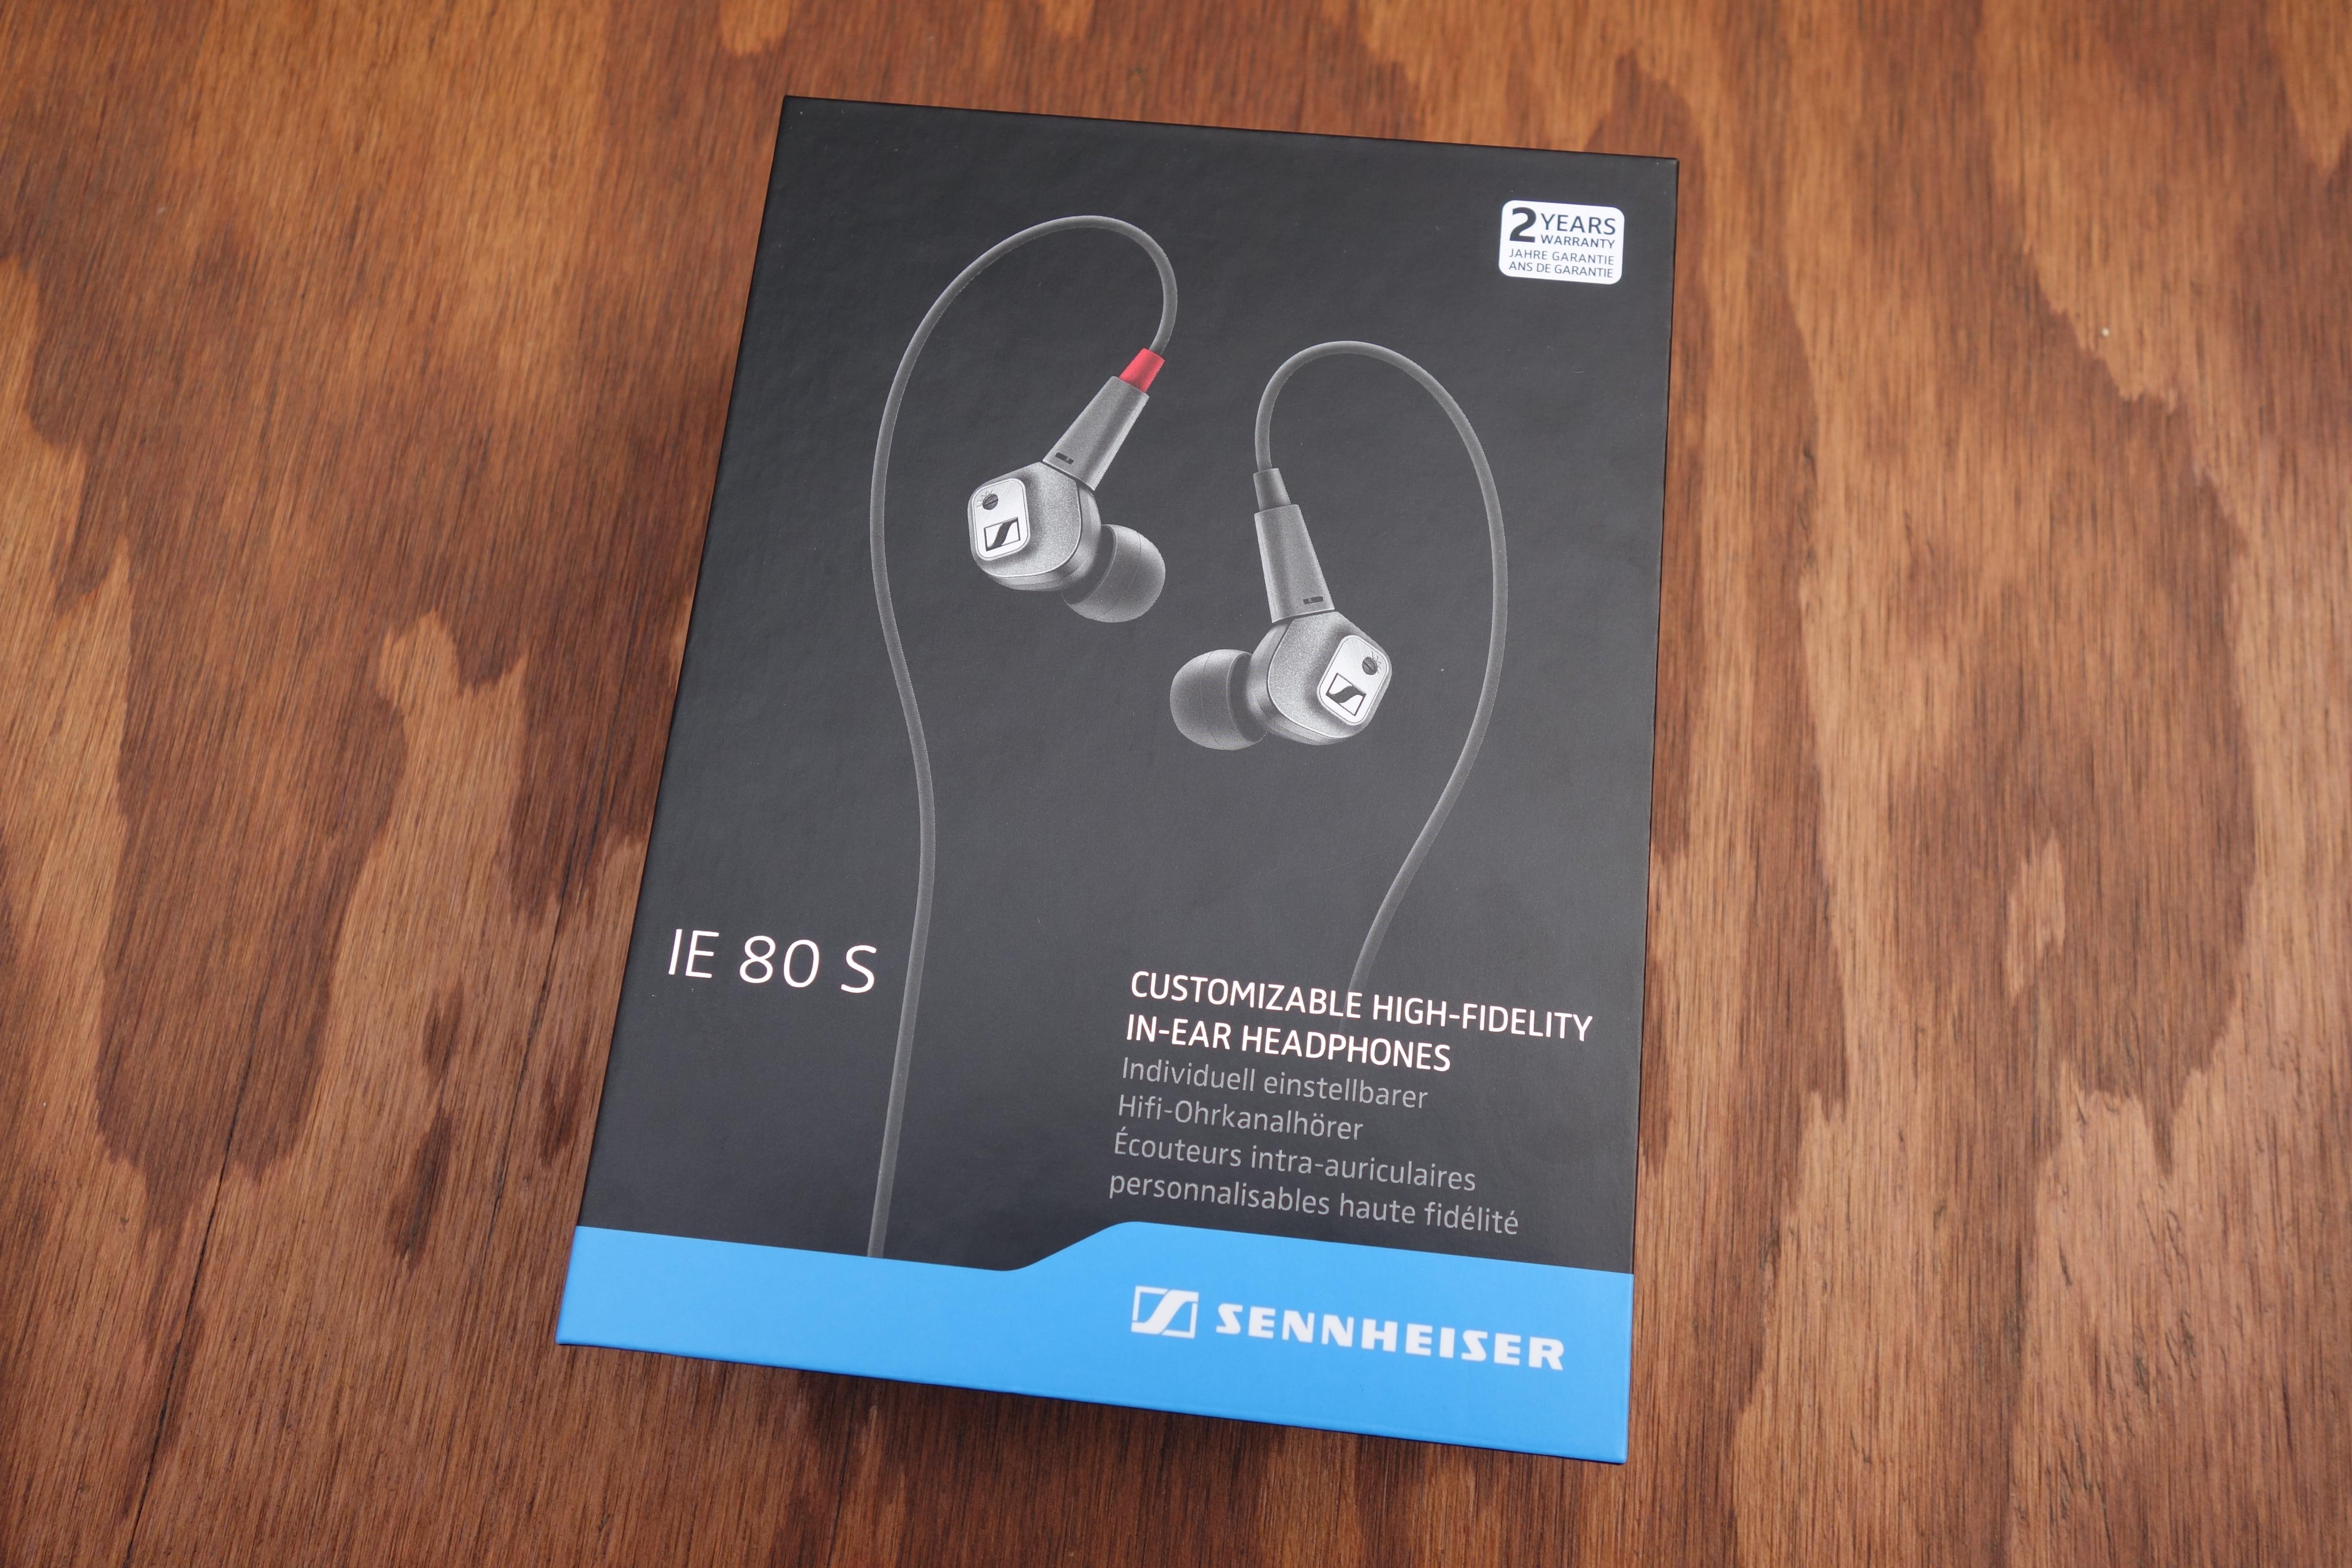 Sennheiser Ie 80 S In Ear Headphones Review